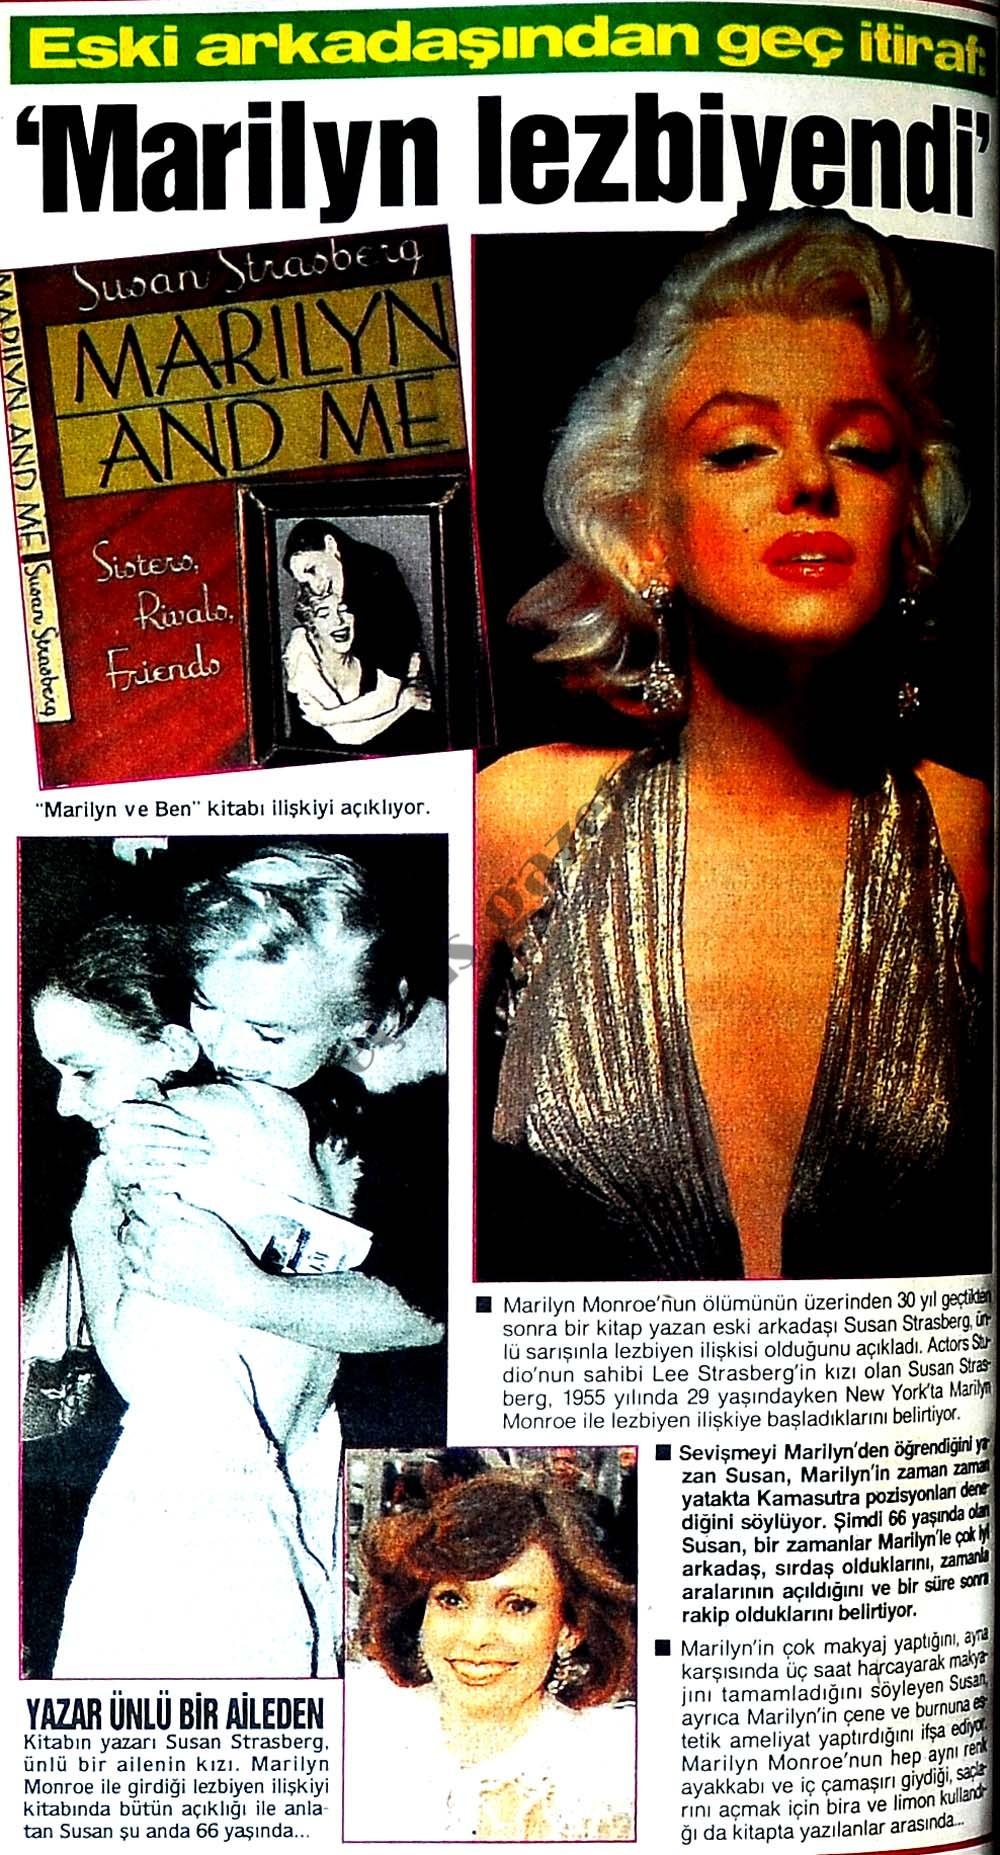 Marilyn lezbiyendi